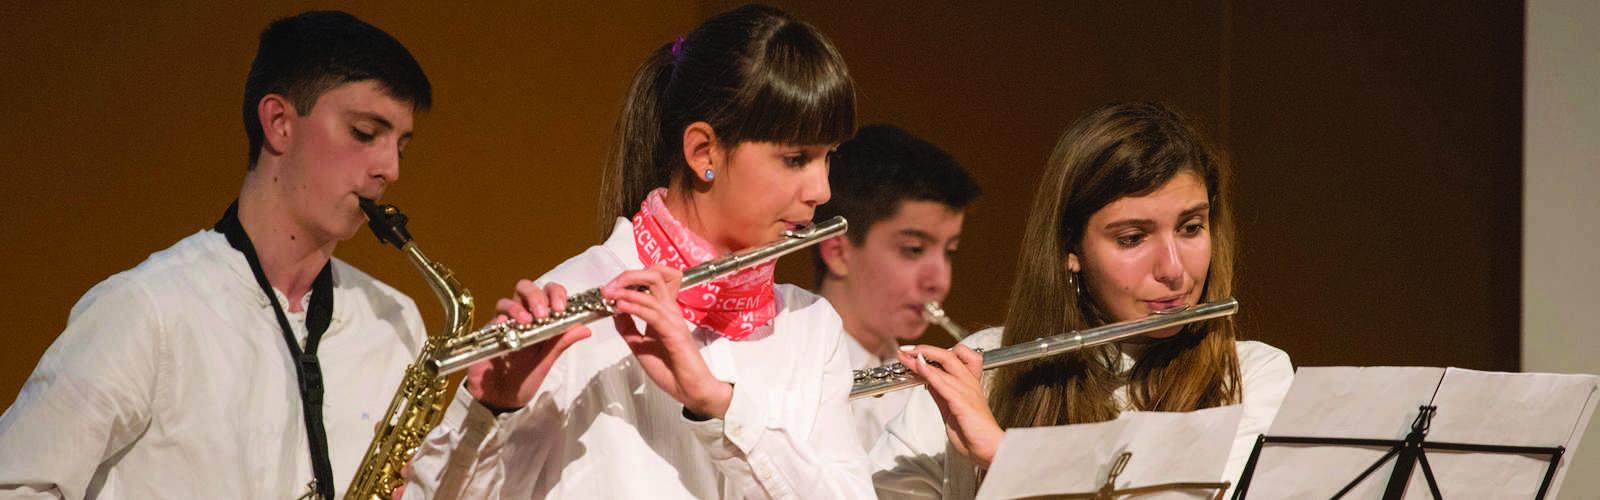 slider_escolamusica2-8